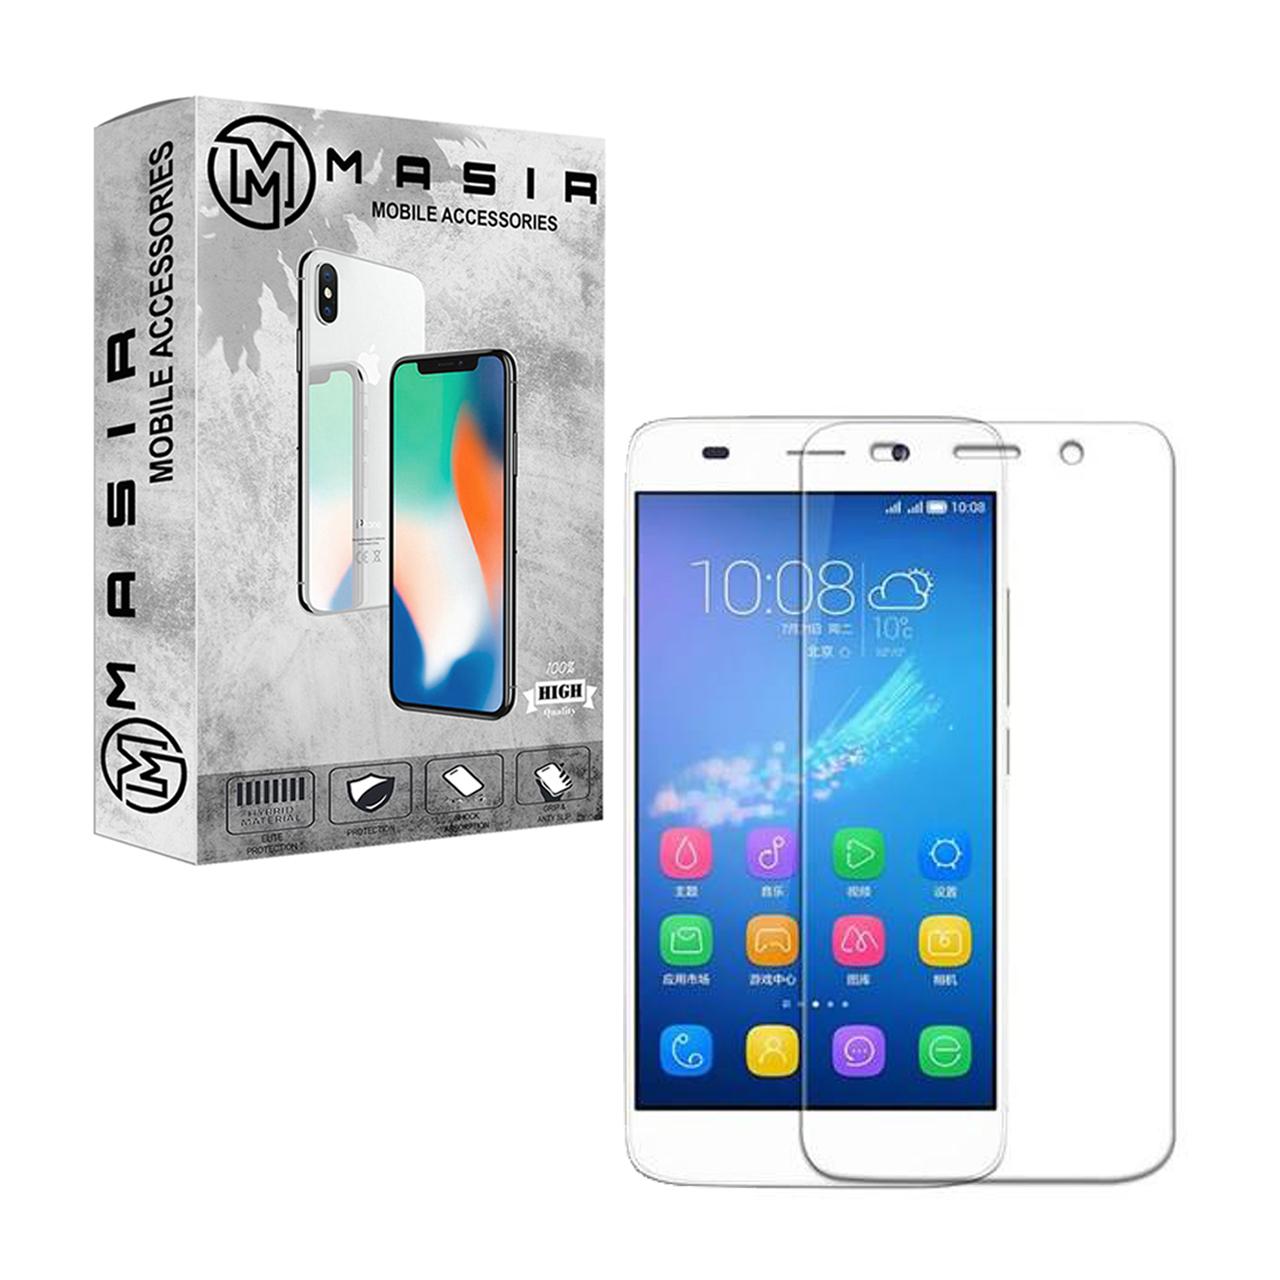 محافظ صفحه نمایش مسیر مدل MGMJ-1 مناسب برای گوشی موبایل هوآوی Y6 Pro              ( قیمت و خرید)